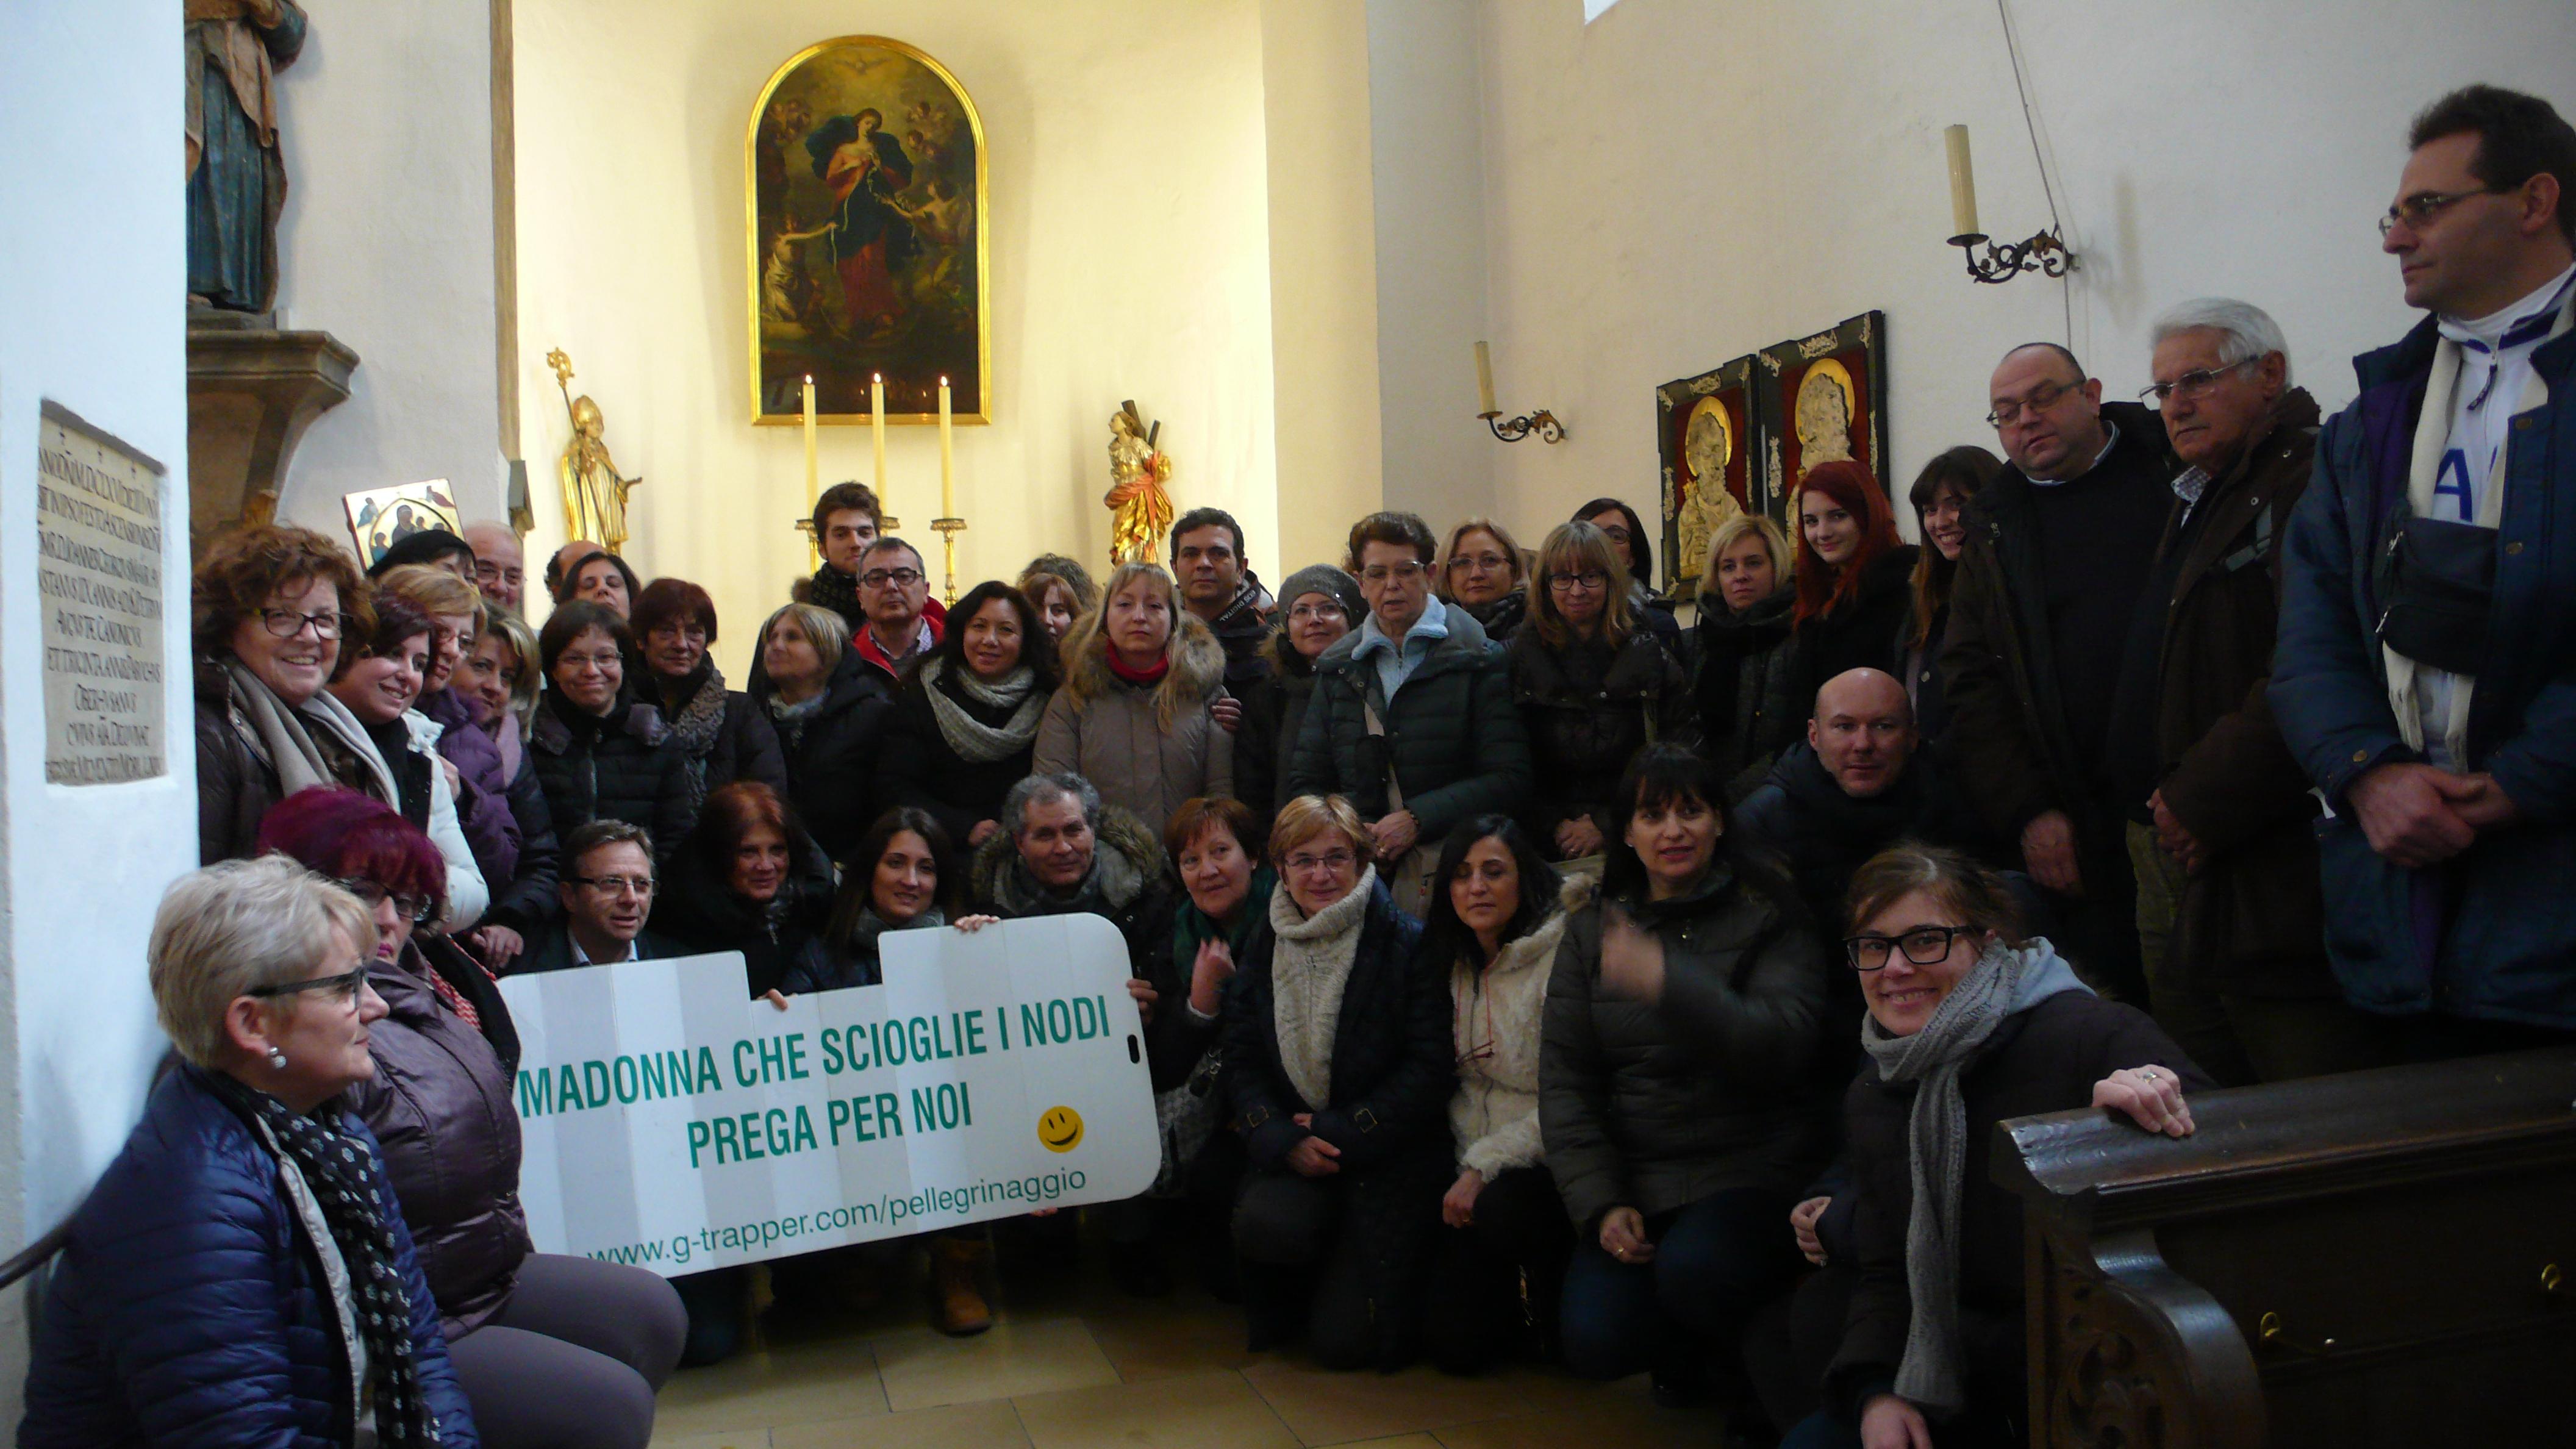 Gite pellegrinaggi da Santa Maria che scioglie i nodi, con partenze da varie città d'Italia e in diverse date dell'anno